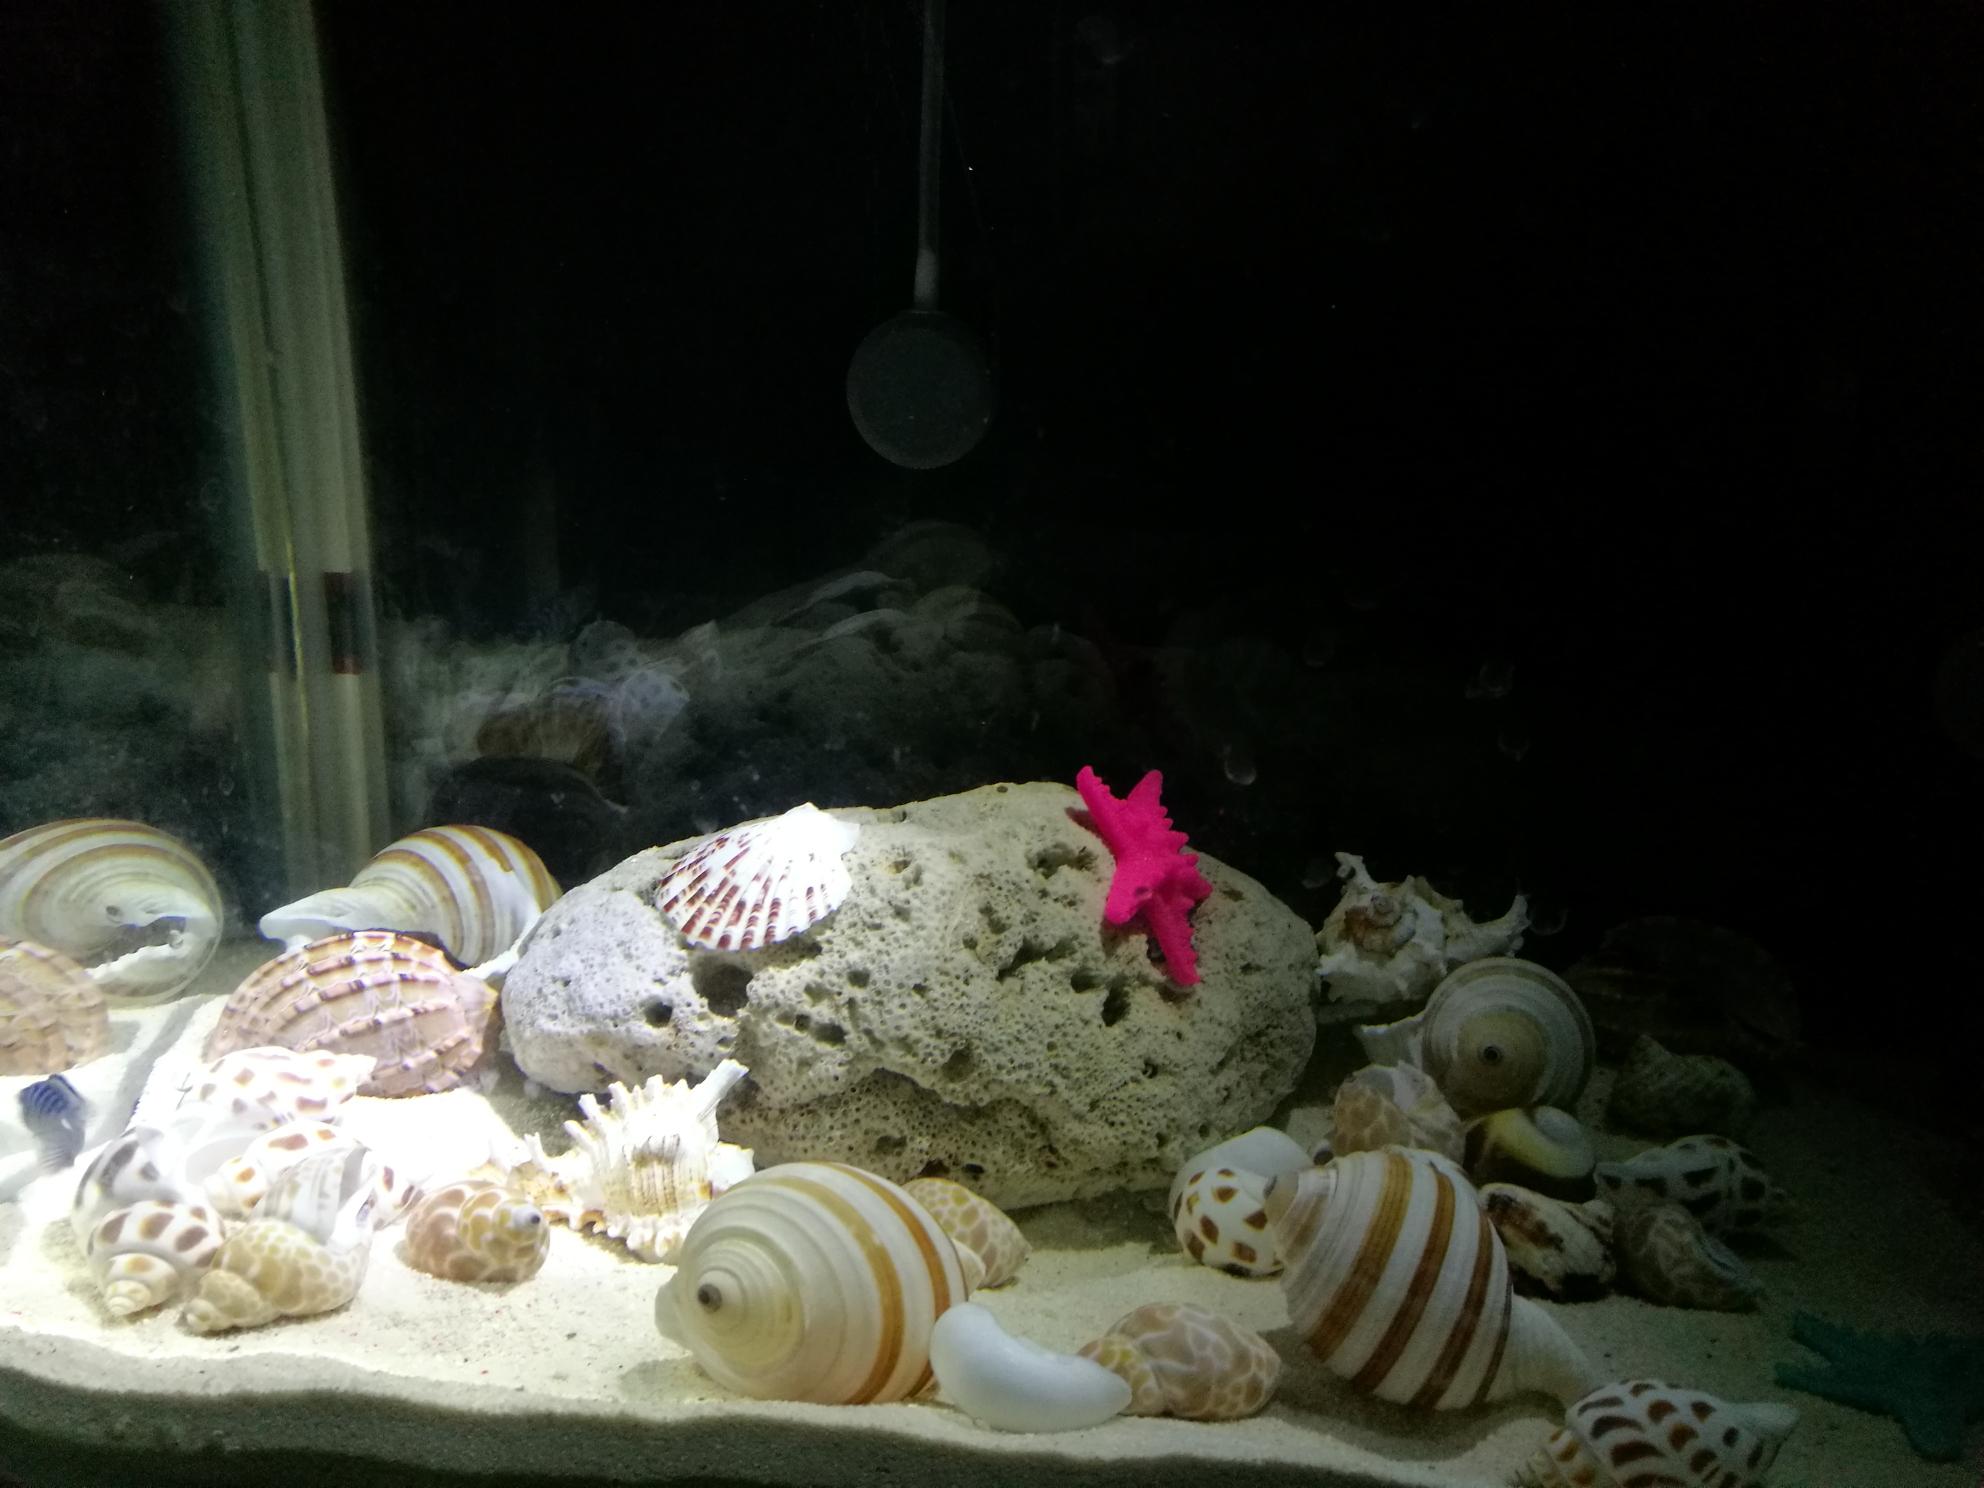 准备开一缸卷贝类等鱼中 北京观赏鱼 北京龙鱼第6张